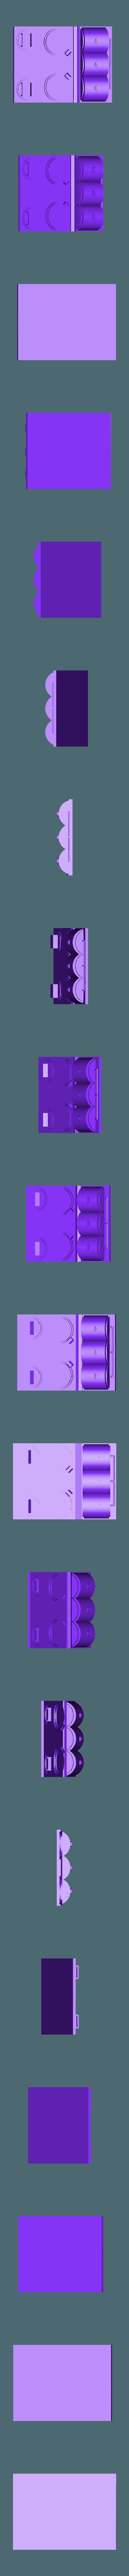 4_rad_flamwagen_roof.stl Télécharger fichier STL gratuit Vehcile de jeu de science-fiction Flamwagen à 4 rayons • Objet imprimable en 3D, redstarkits